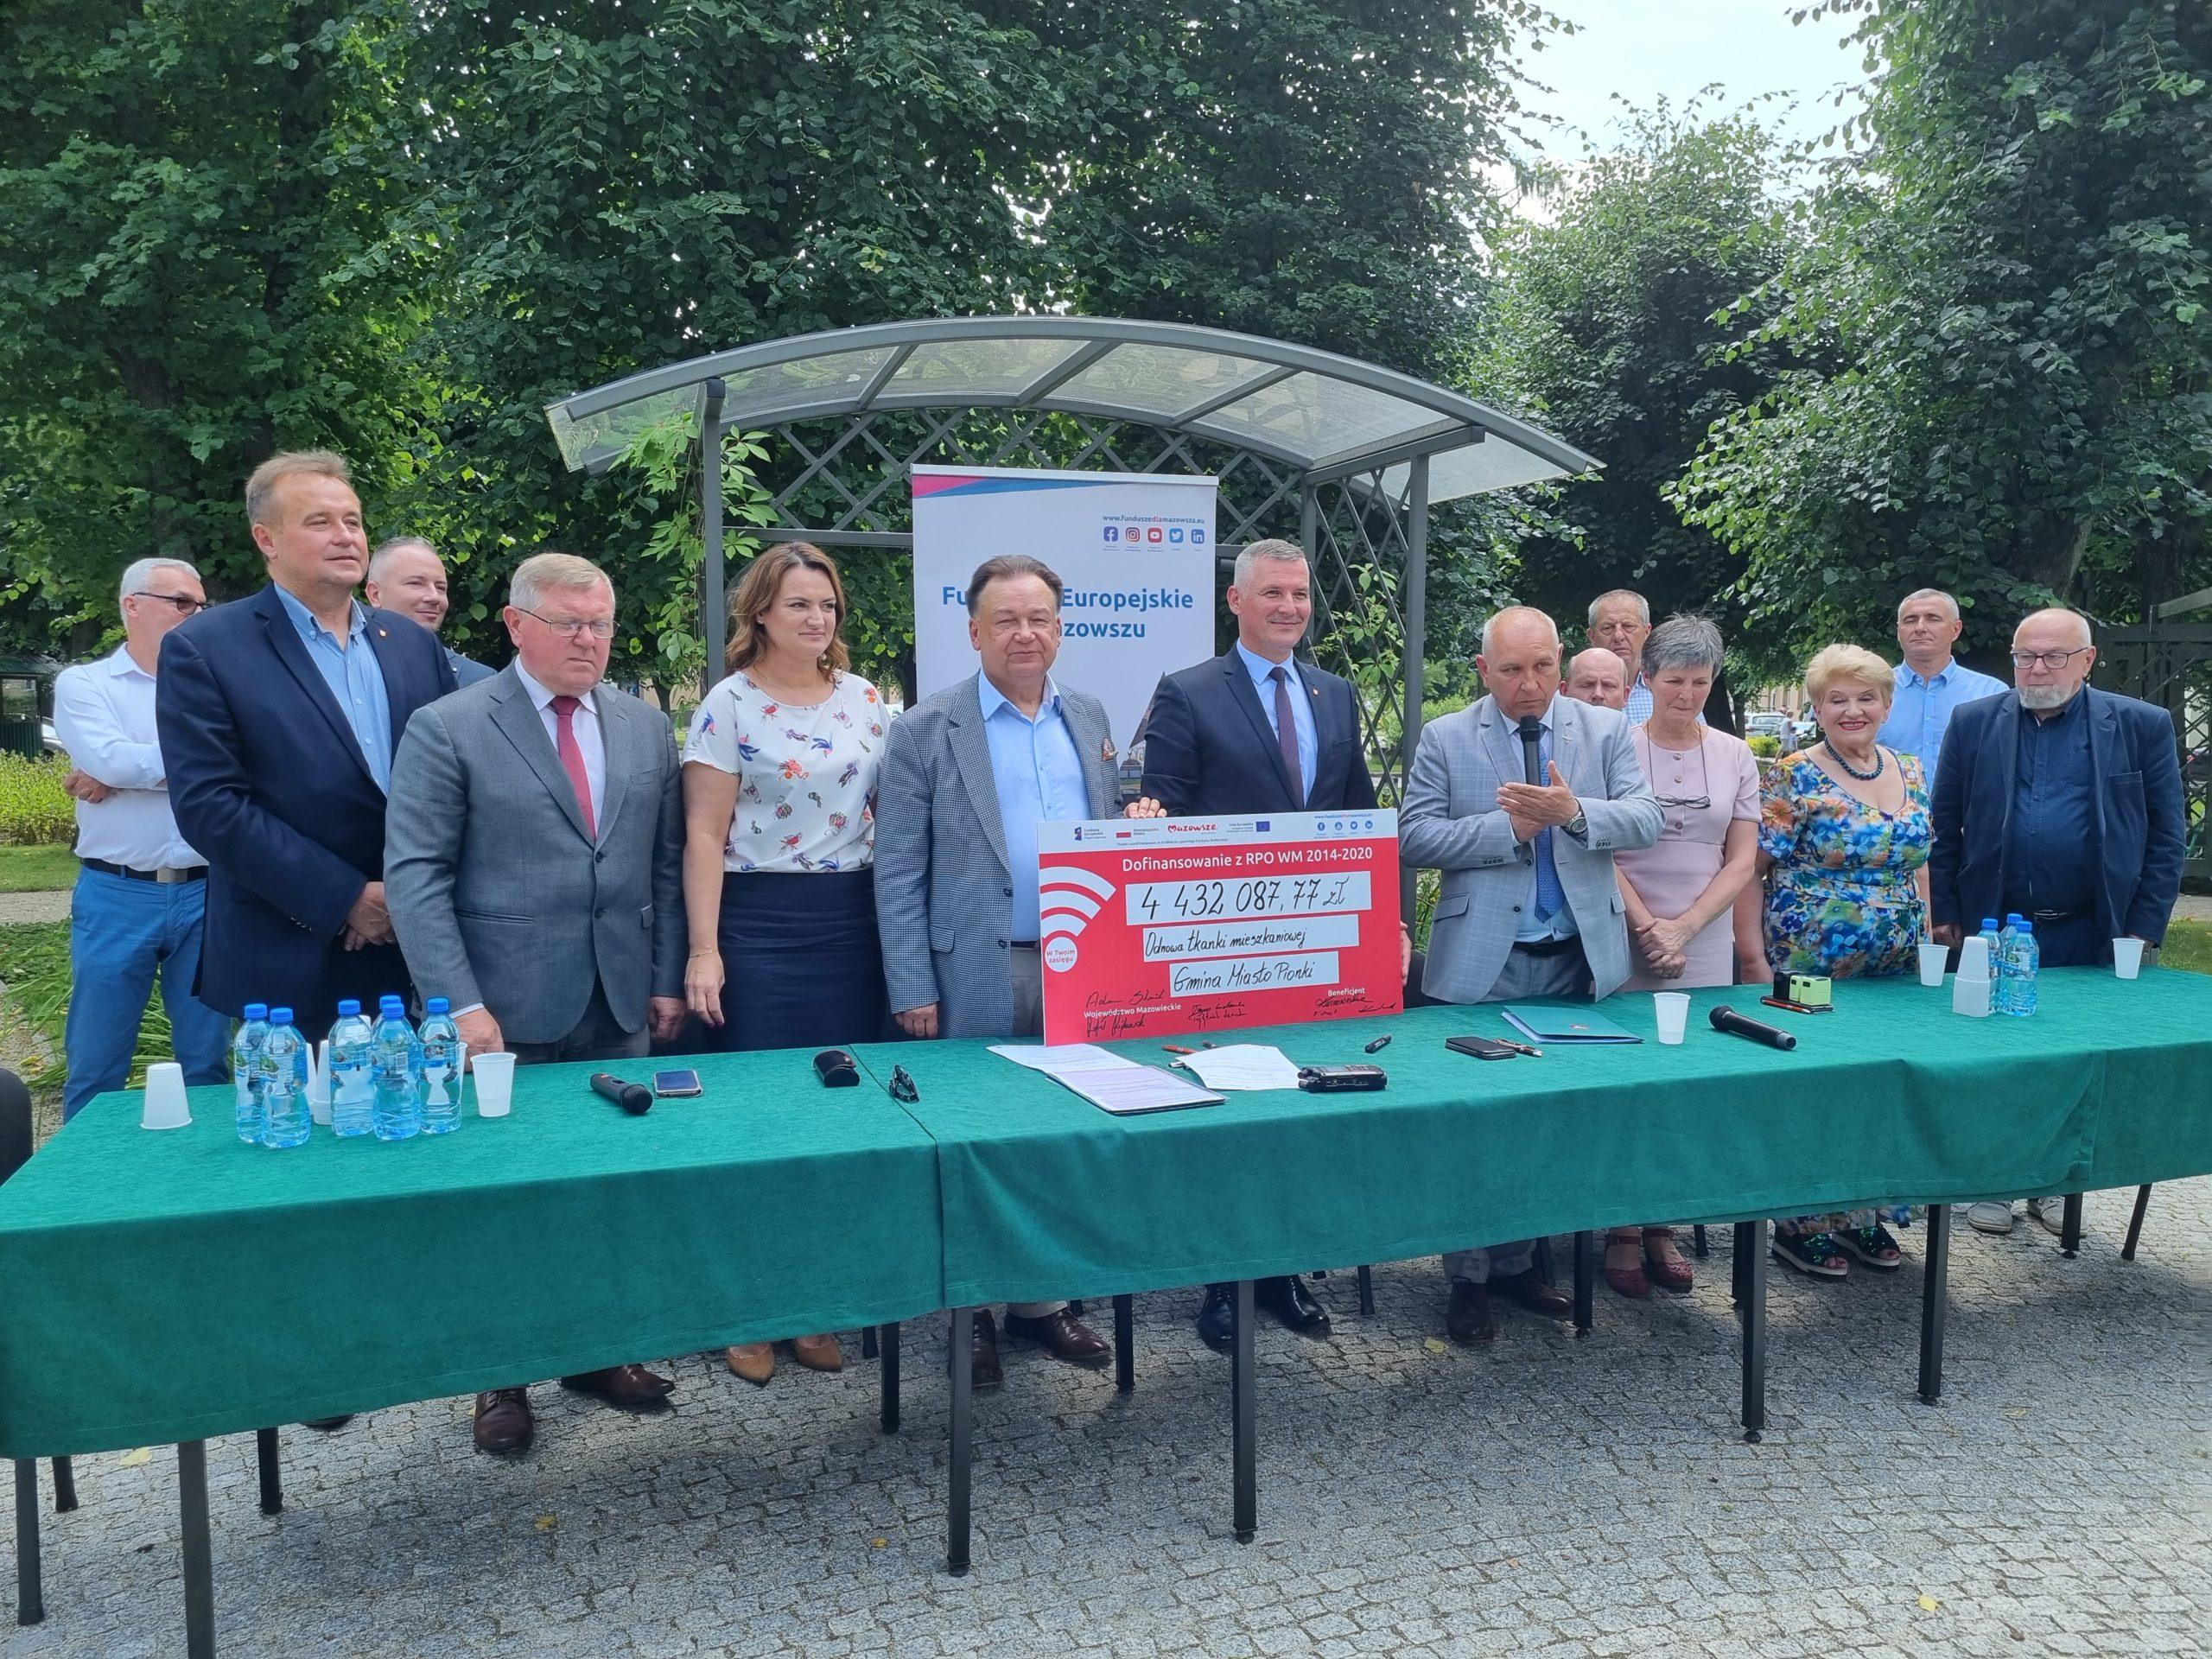 Uczestnicy uroczystego podpisania umowy trzymają symboliczny czek o wartości ponad 4,4 mln zł na odnowę budynków mieszkalnych w Pionkach